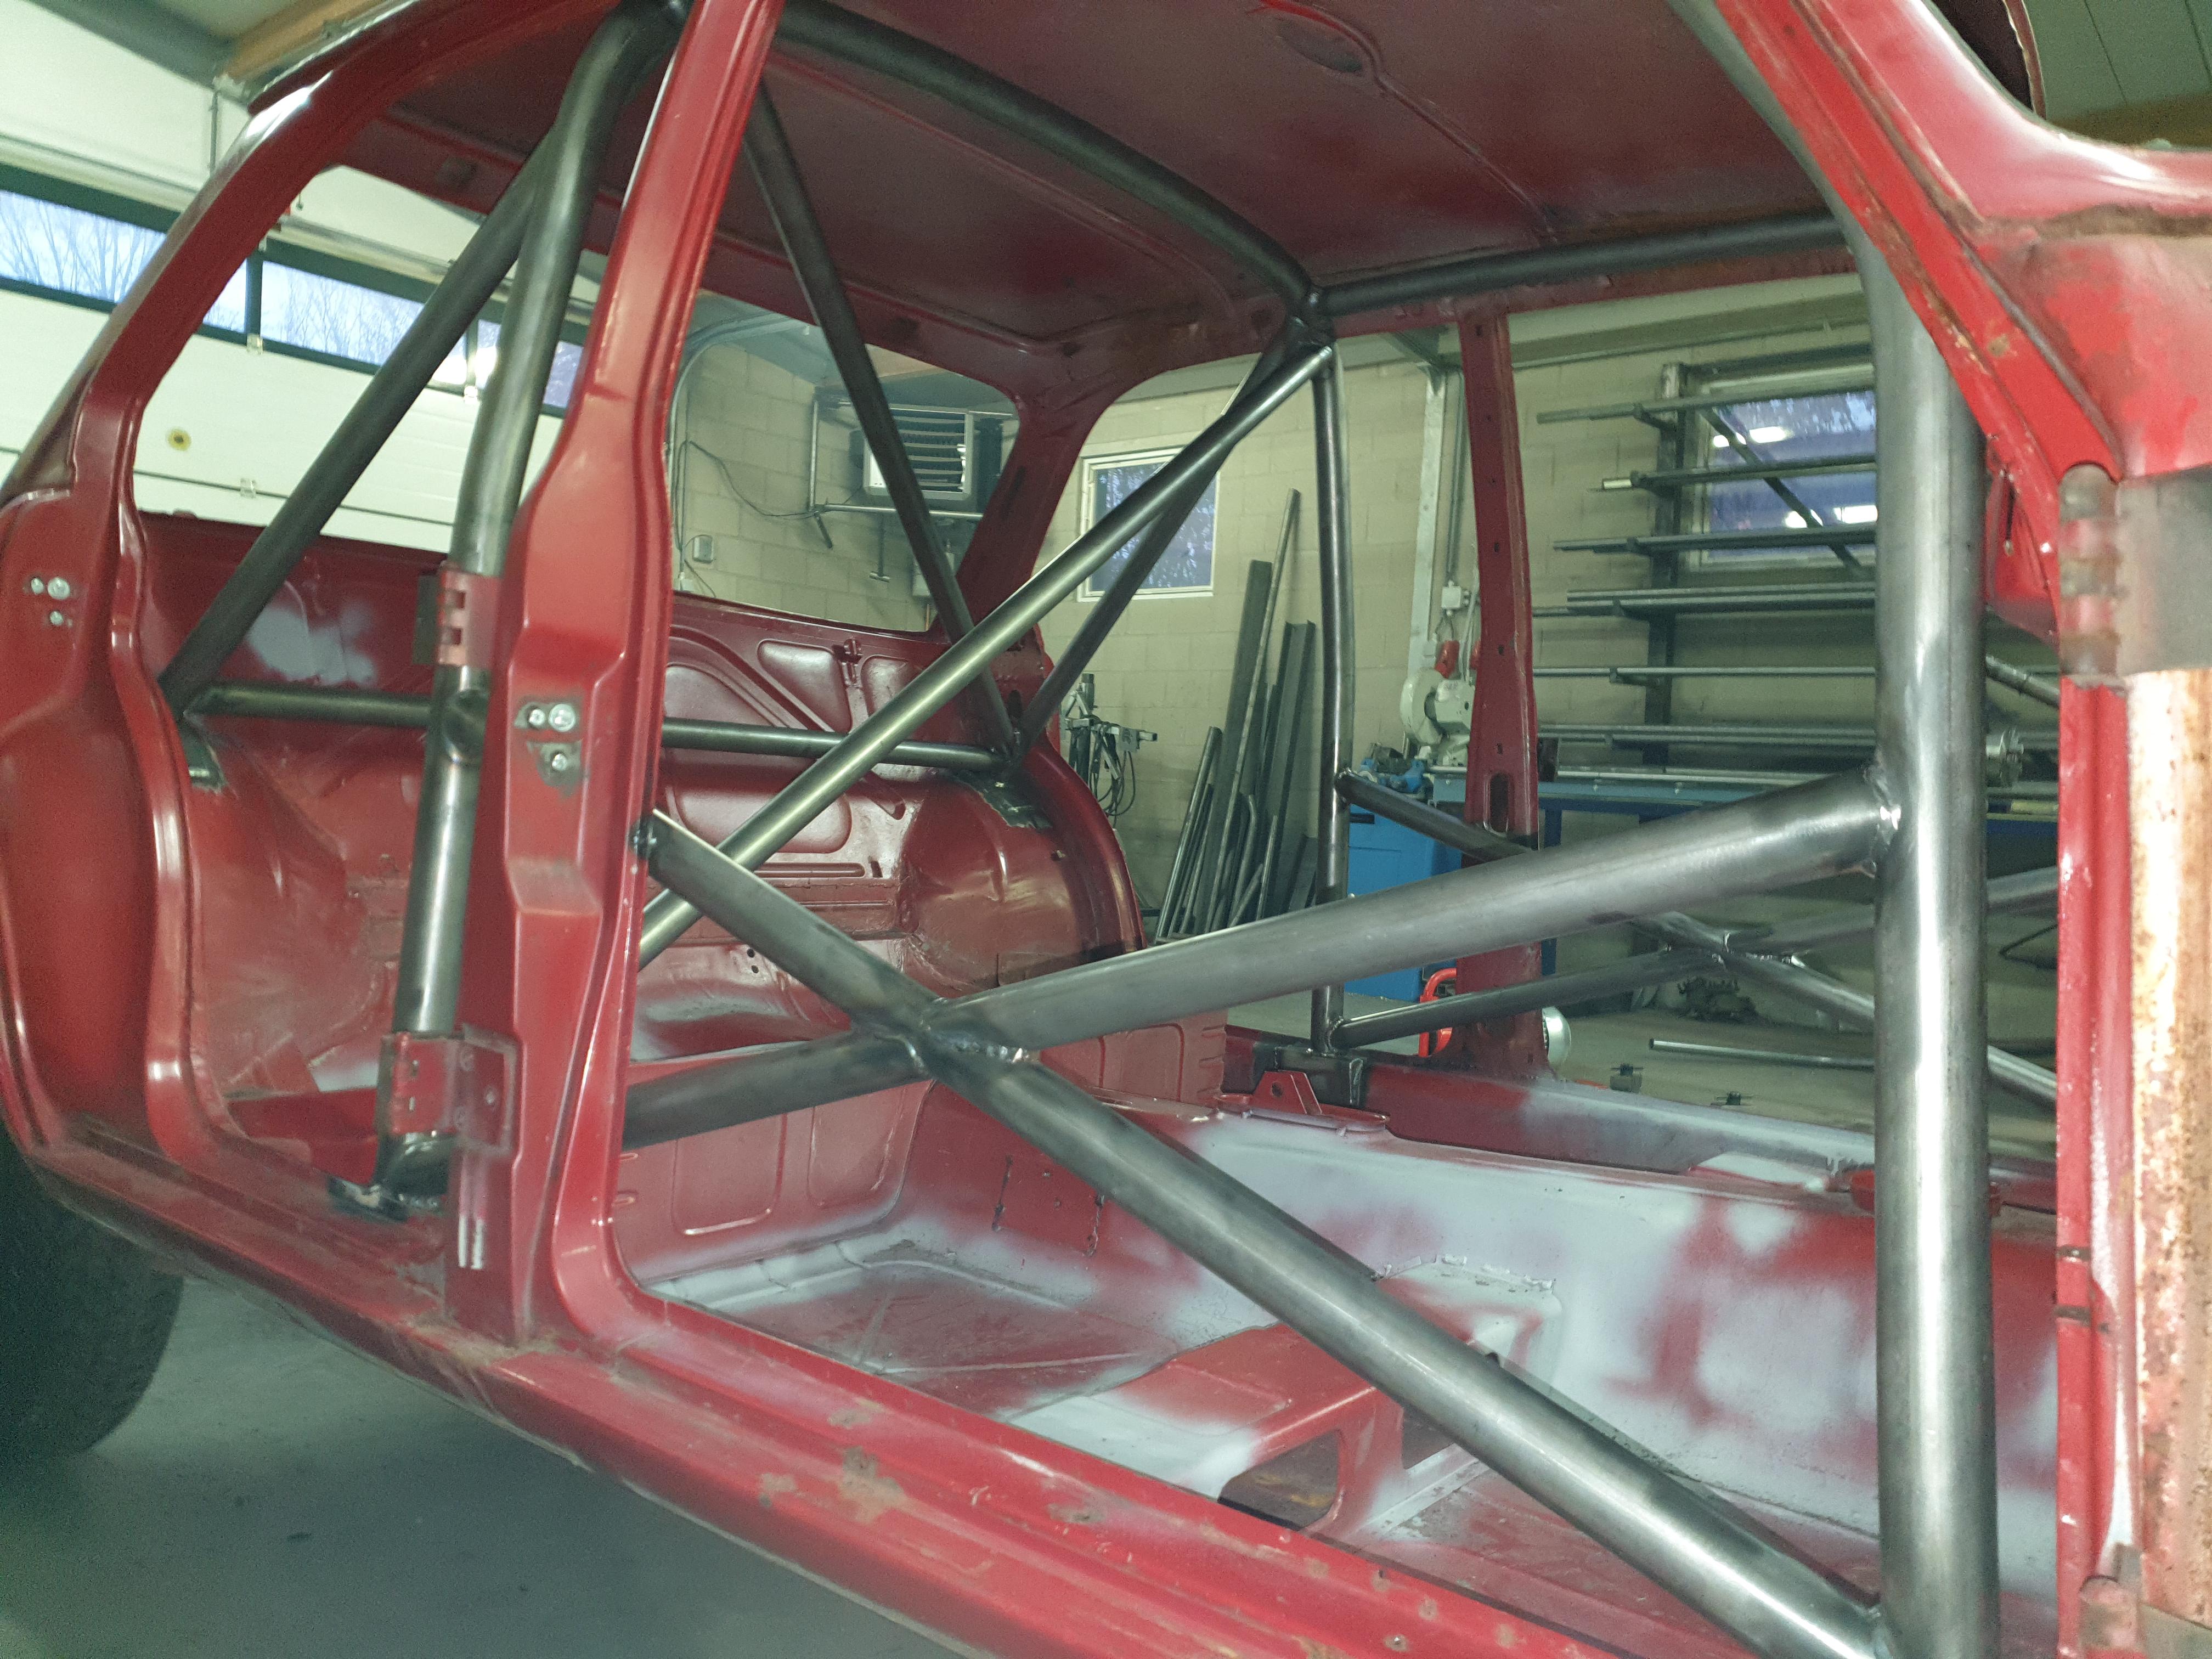 BMW Neue Klasse Uit 1965 Voorzien Van Rolkooi Met Certificaat